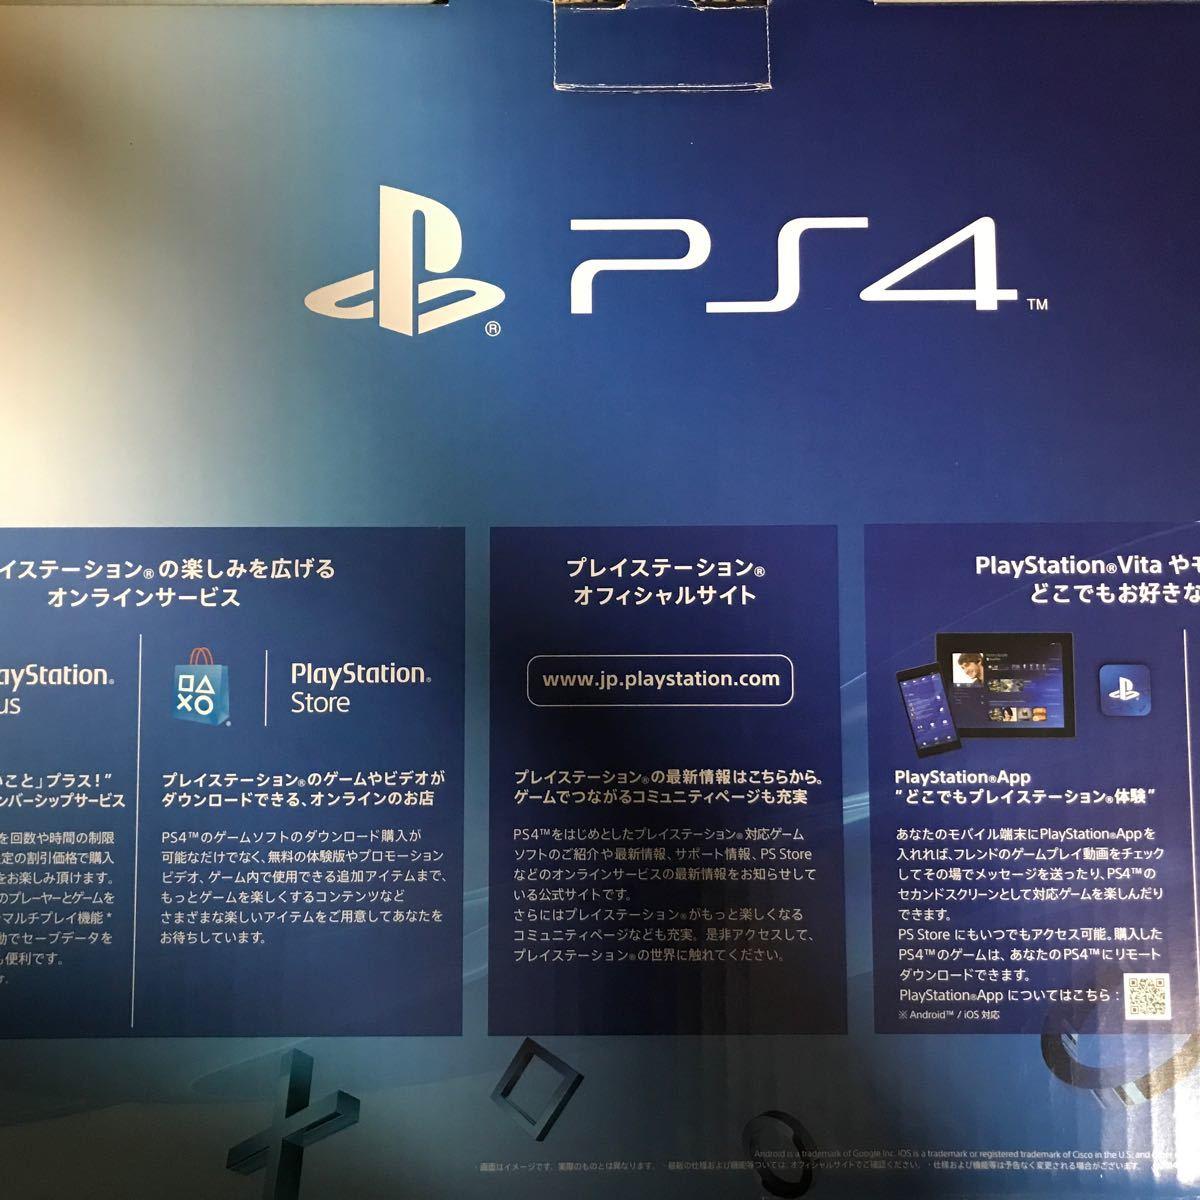 PlayStation4 ジェット・ブラック 500GB CUH-1000AB01